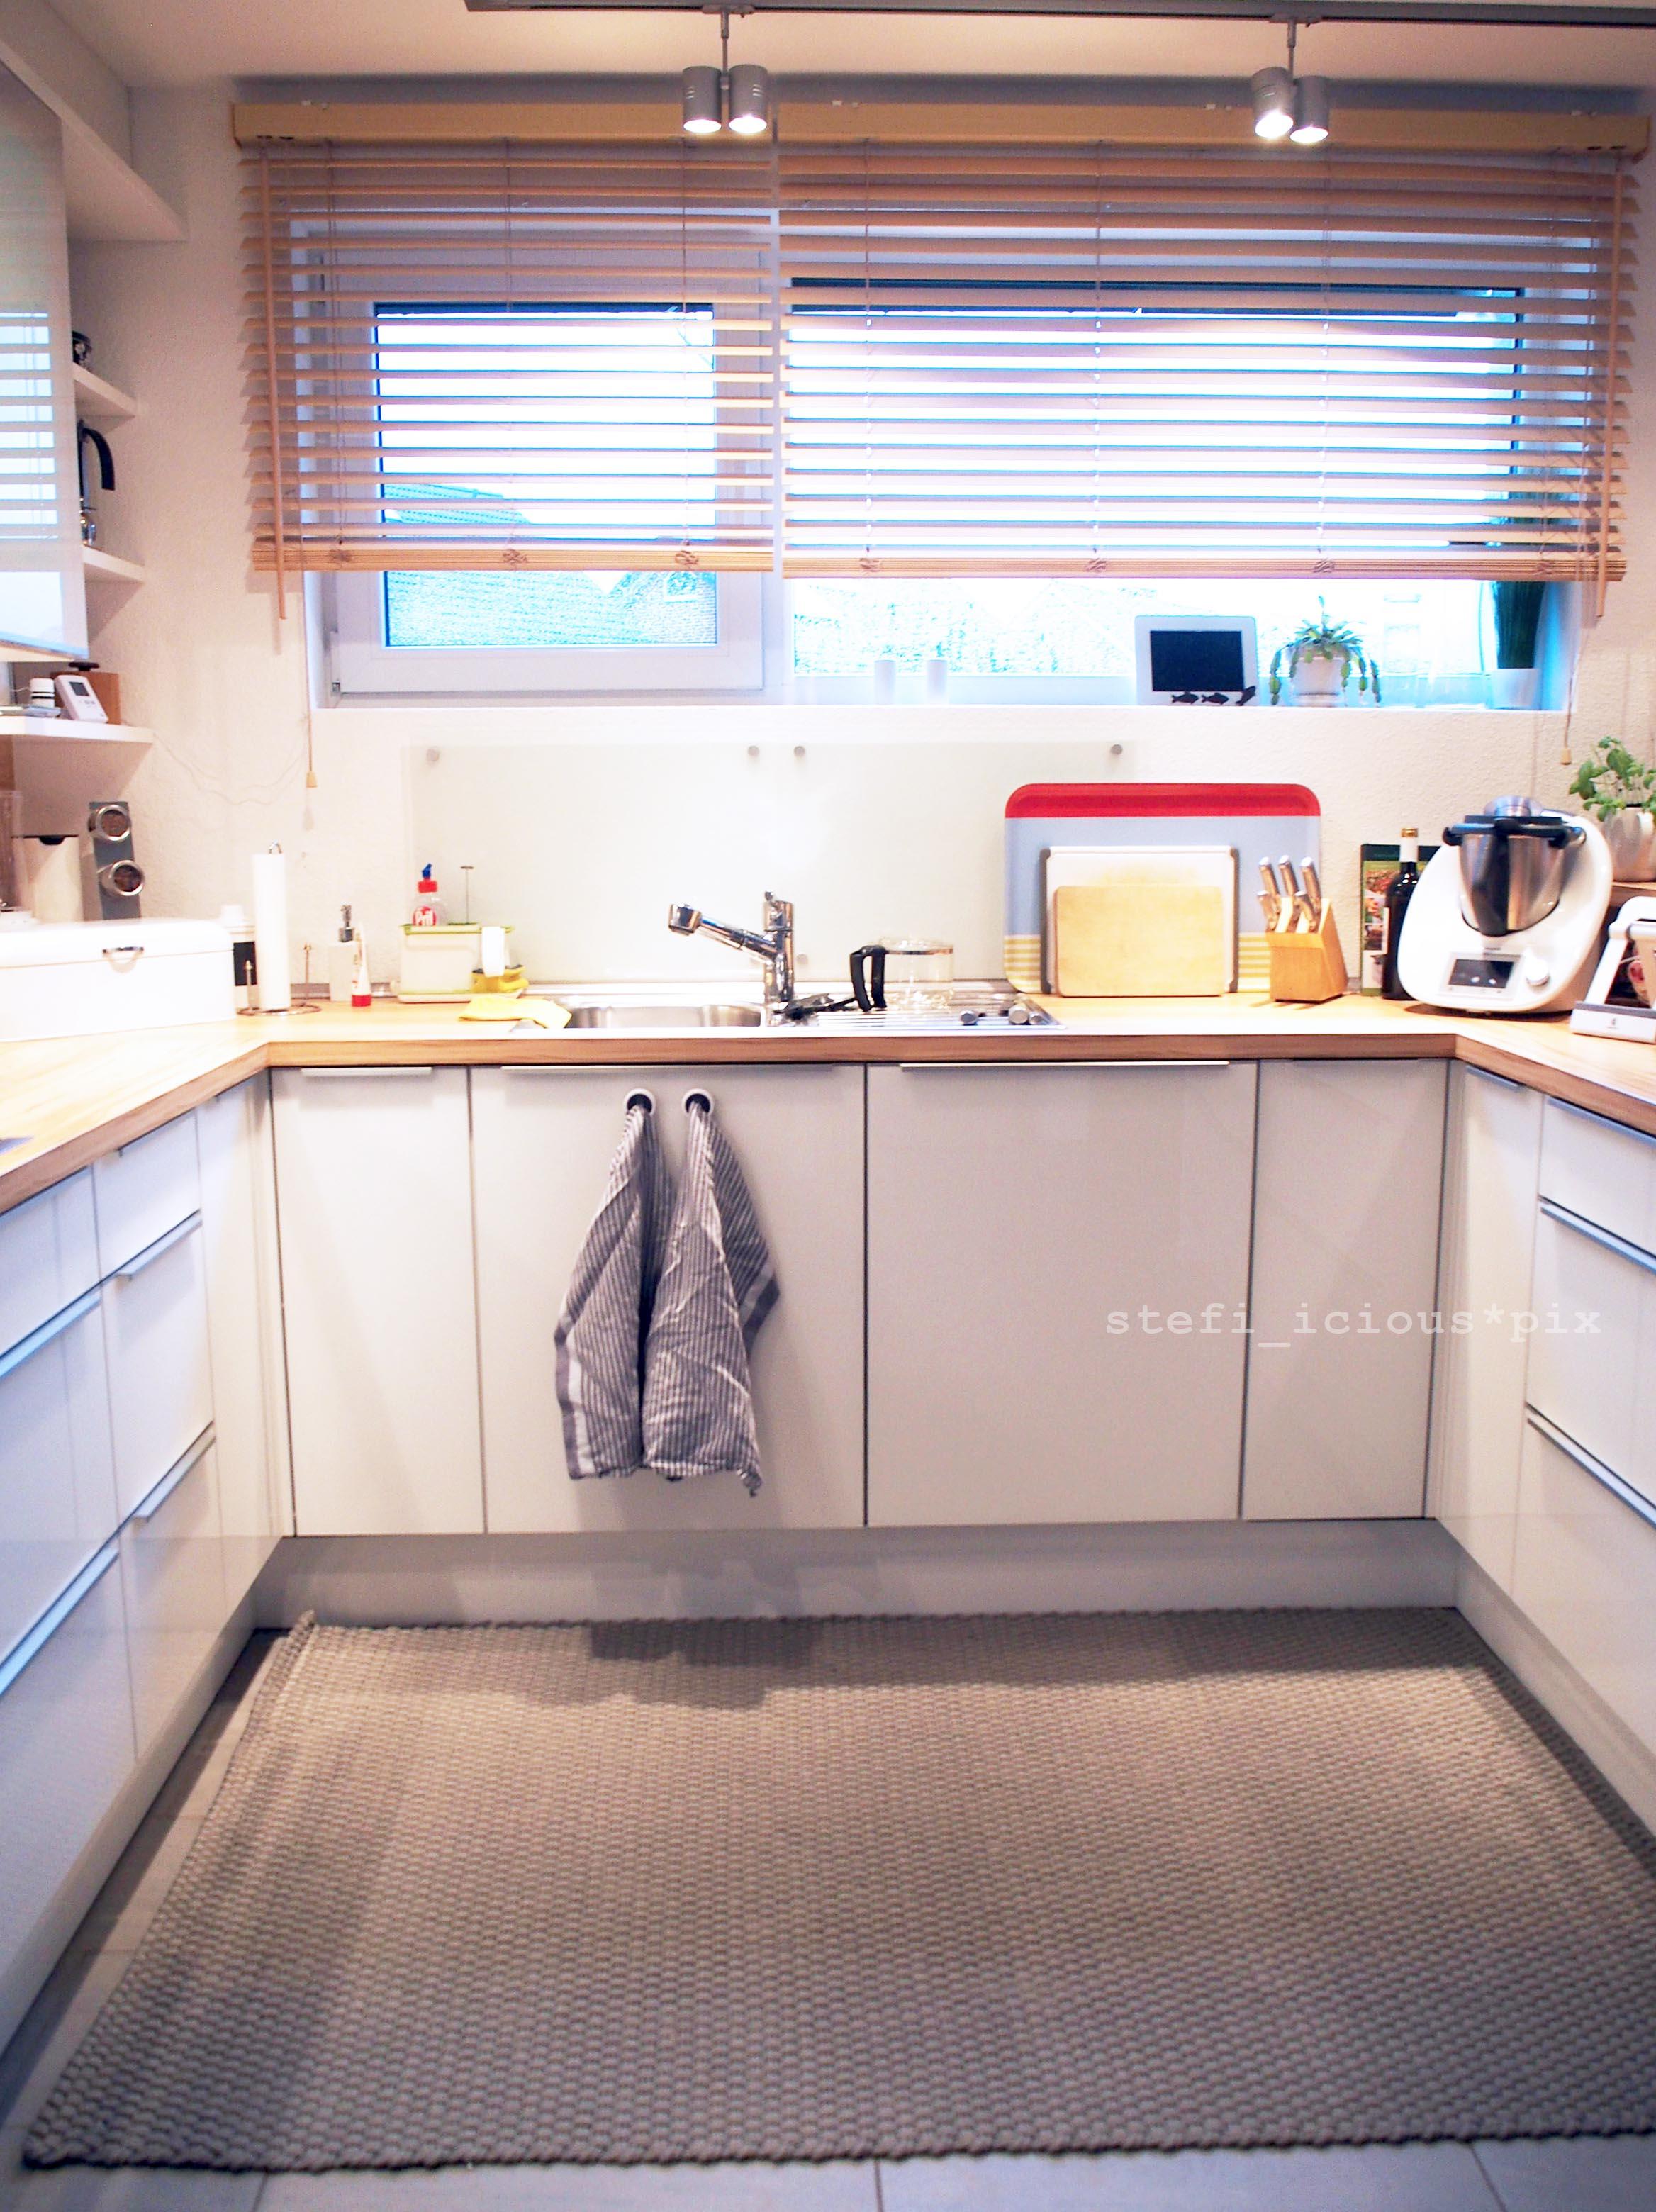 küchenteppich   stefi_licious-addicted - Küche Teppich